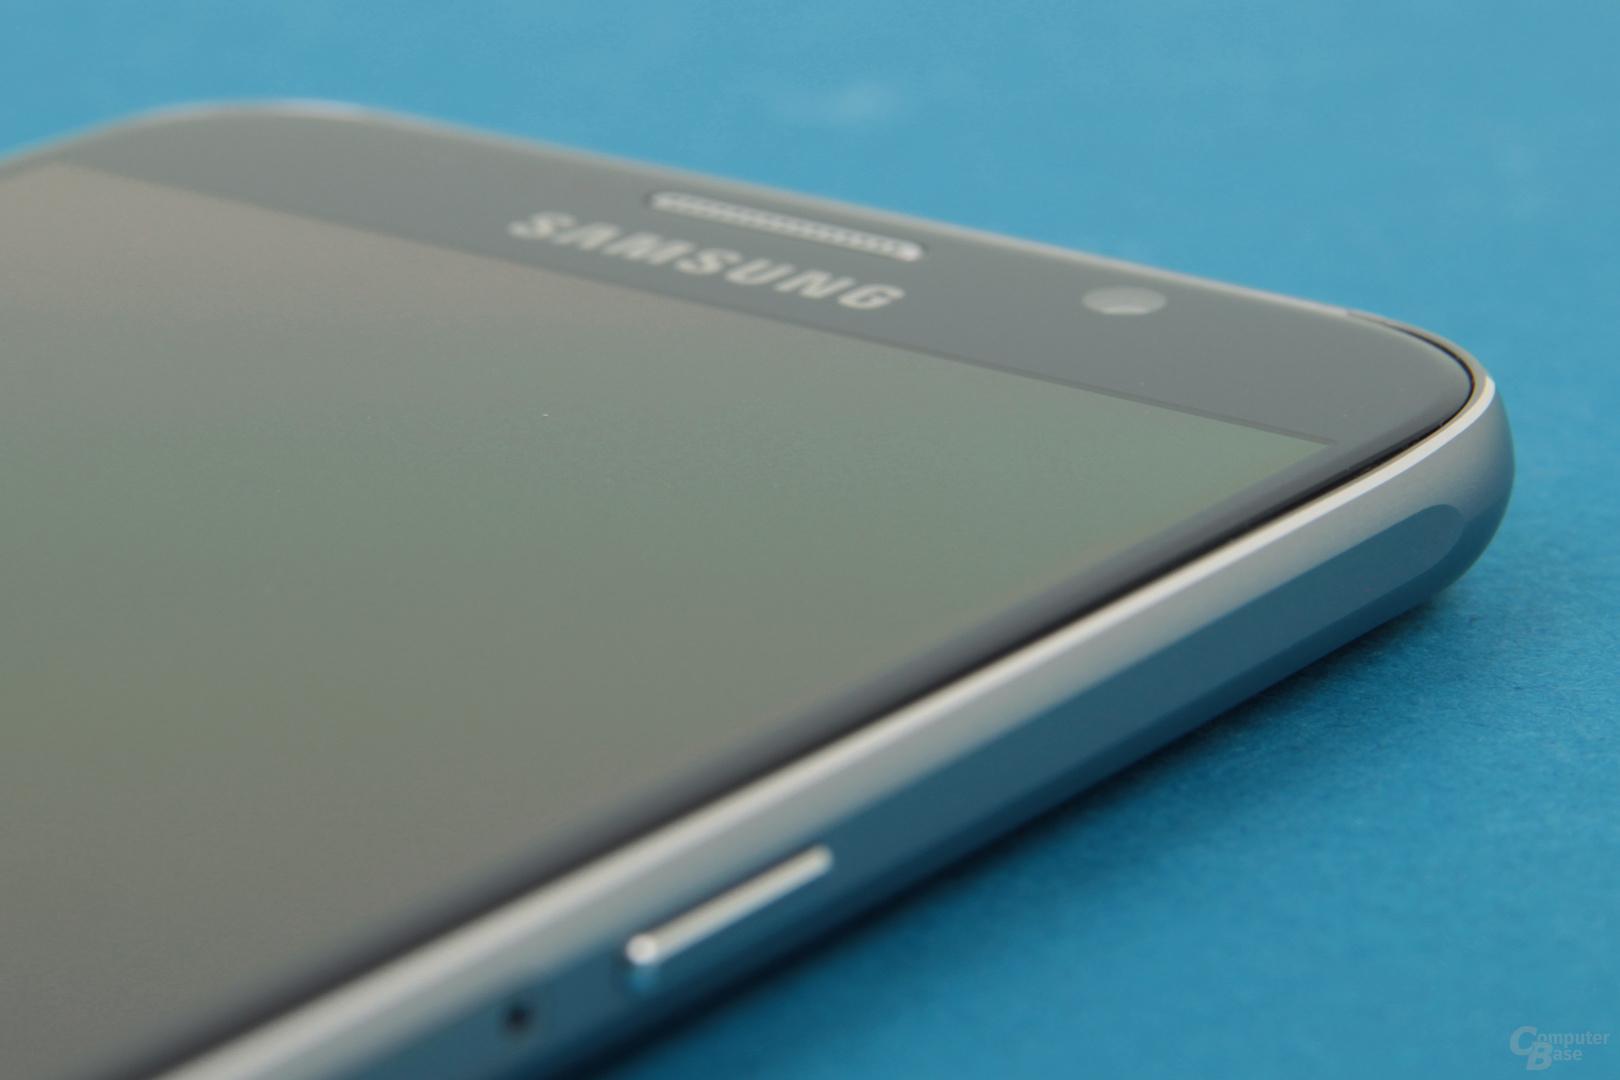 Galaxy S6 mit geradem Display und Gorilla Glass 4